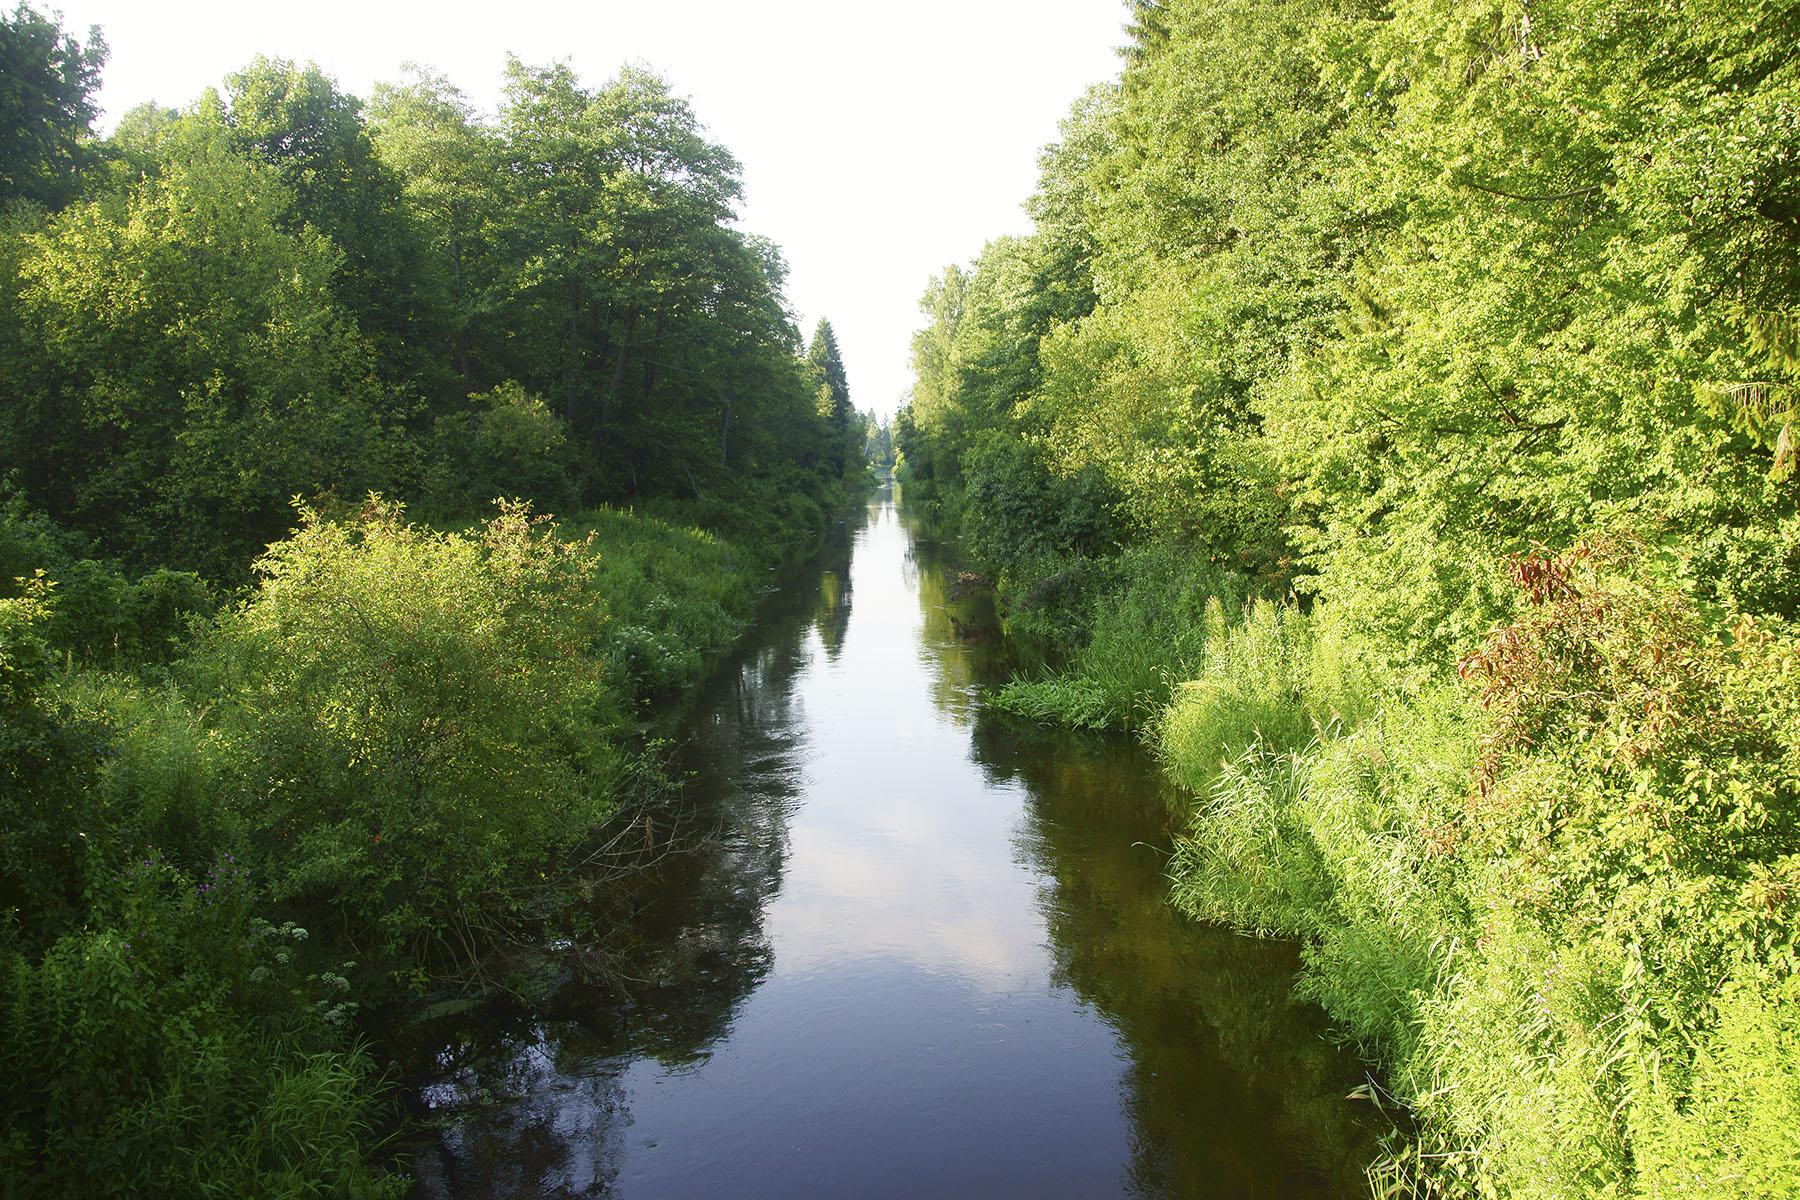 Najstarszy kanał mazurski – zbudowany w 1733 r. Kanał Brożajcki płynie w całości przez Lasy Skaliskie